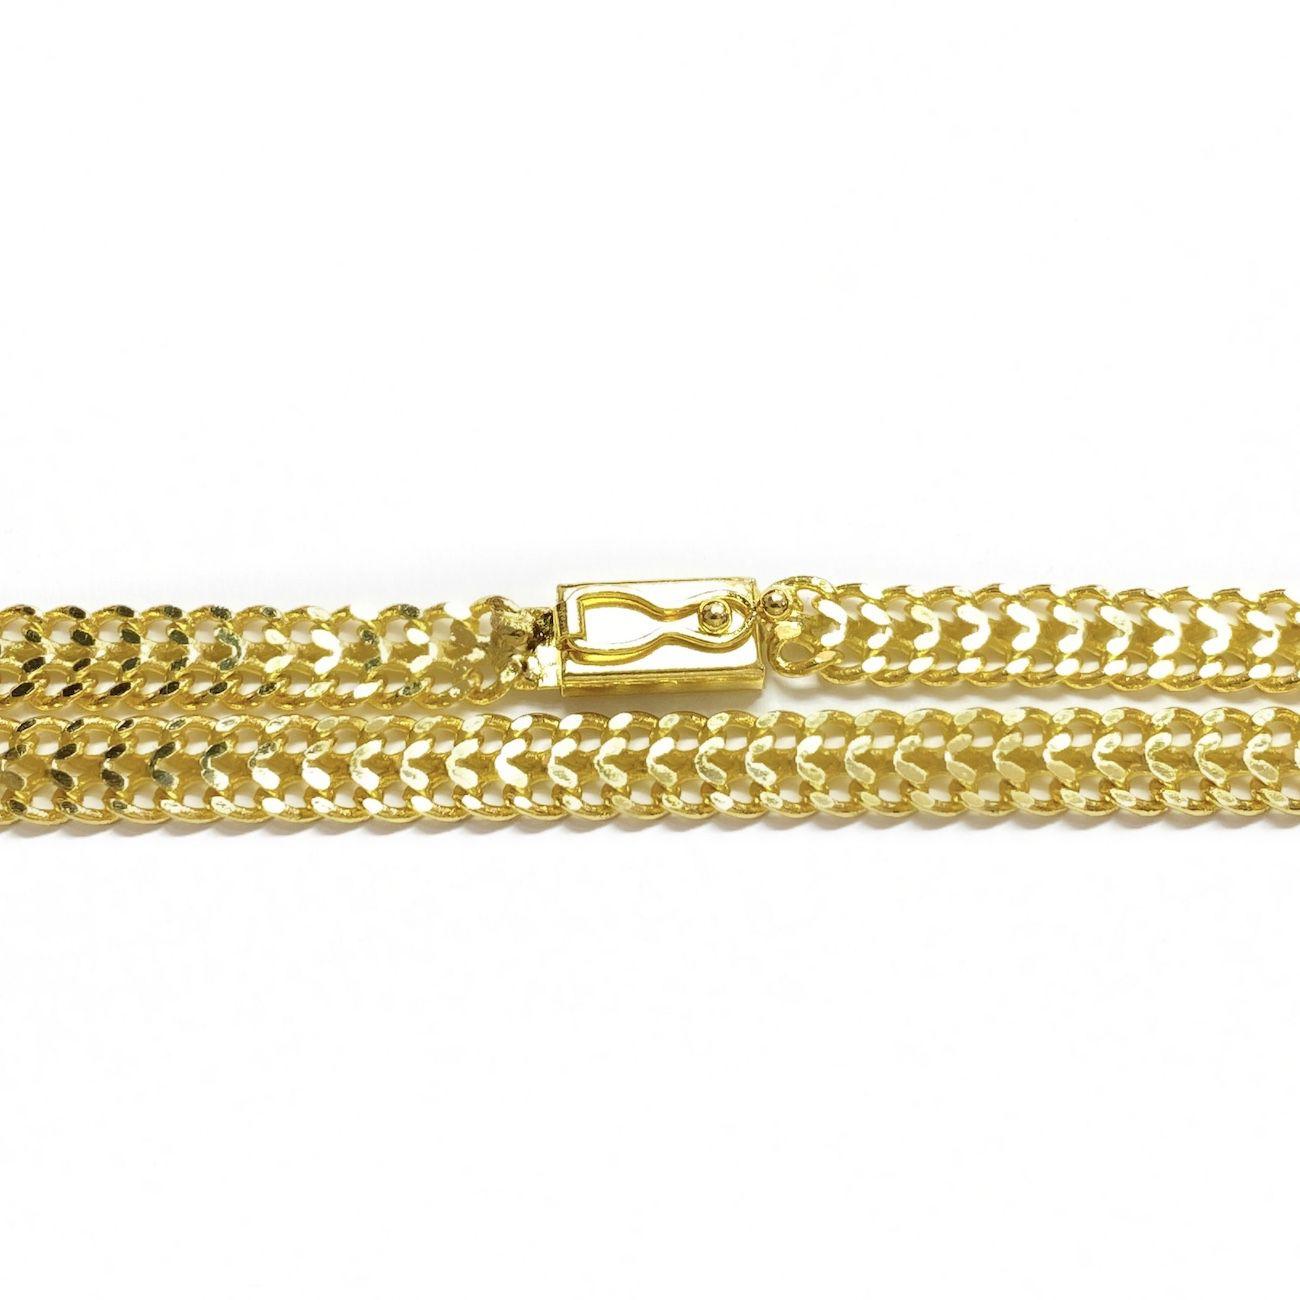 kit Corrente Grumet Union 6mm 60cm (22,1g) (Fecho Gaveta) + Pingente Cifrão $ Cravejado em Zircônia (Dourado) 4,6cm X 2,9cm 9g